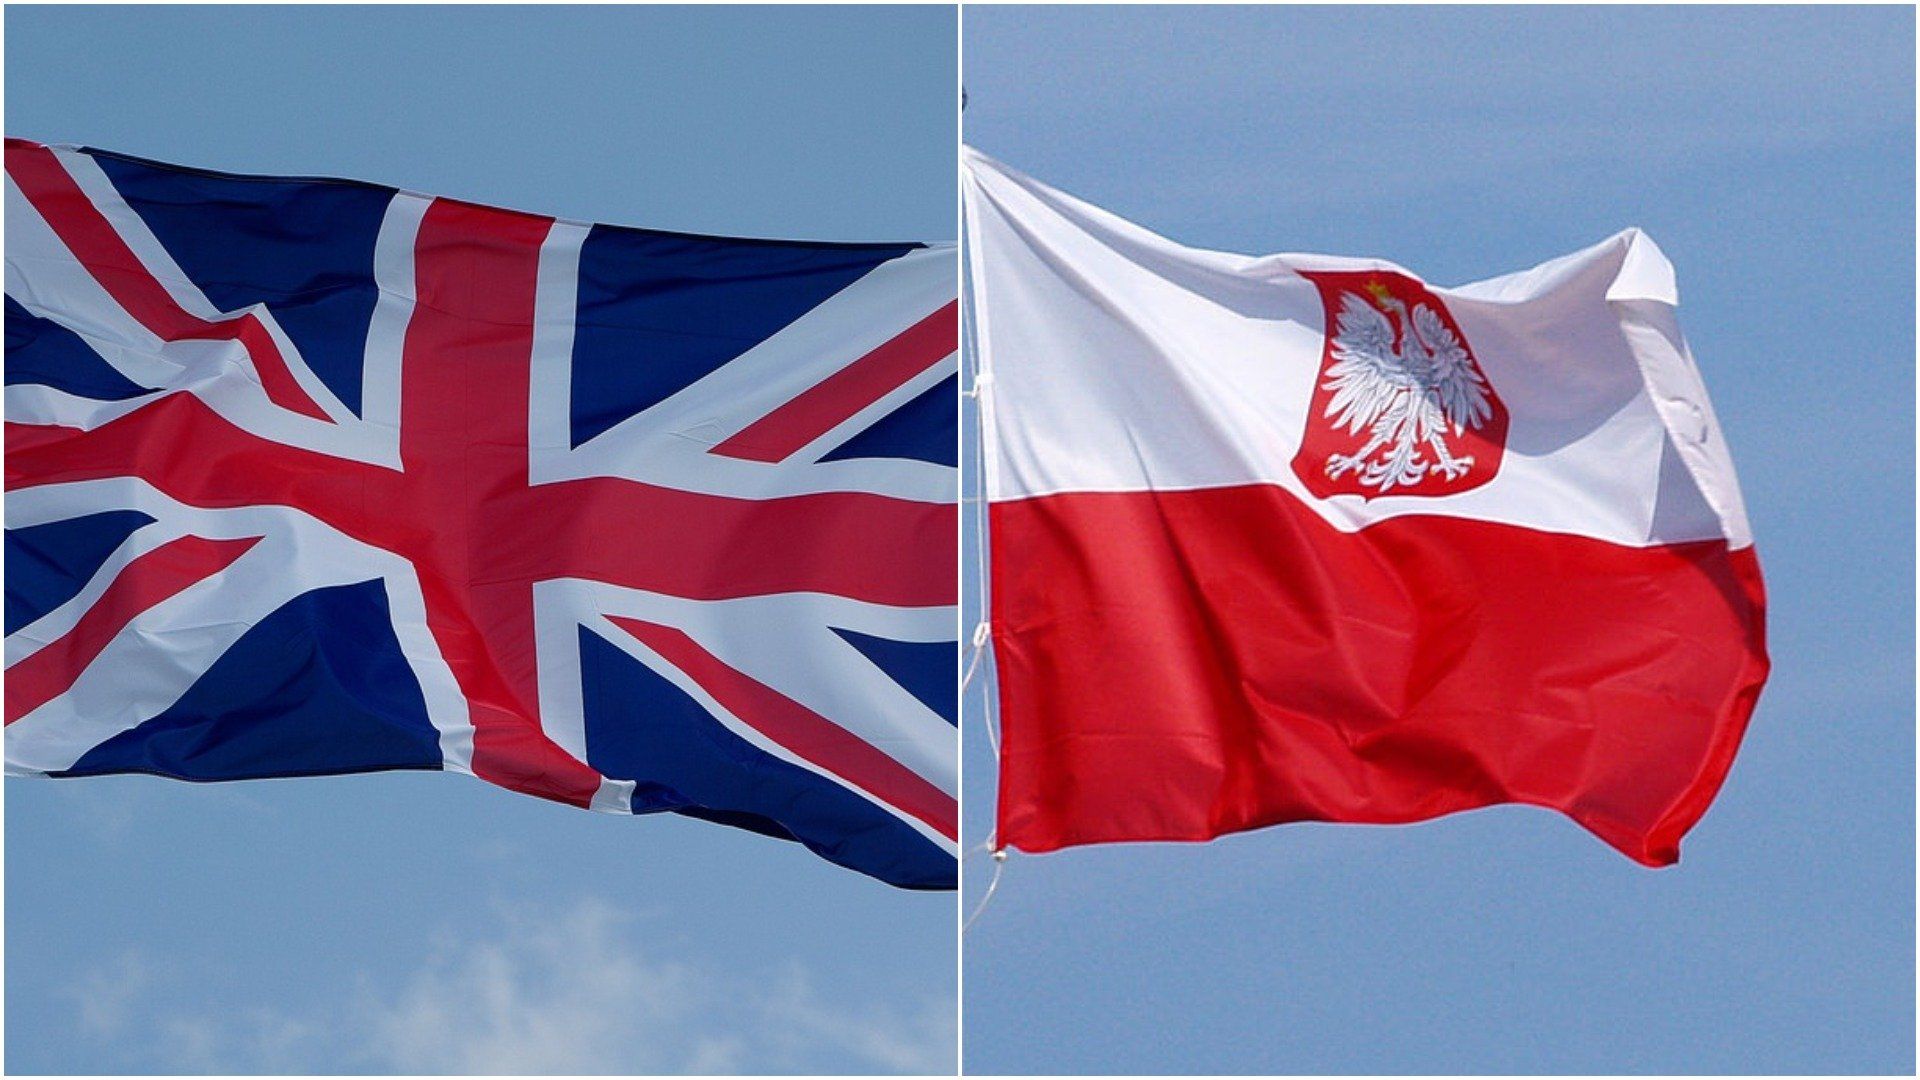 Sam Smoleńsk kojarzy się Polakom z podziałem, komisja Smoleńska nie wyjaśniła czy był to zamach w Smoleńsku czy katastrofa. Wielka Brytania